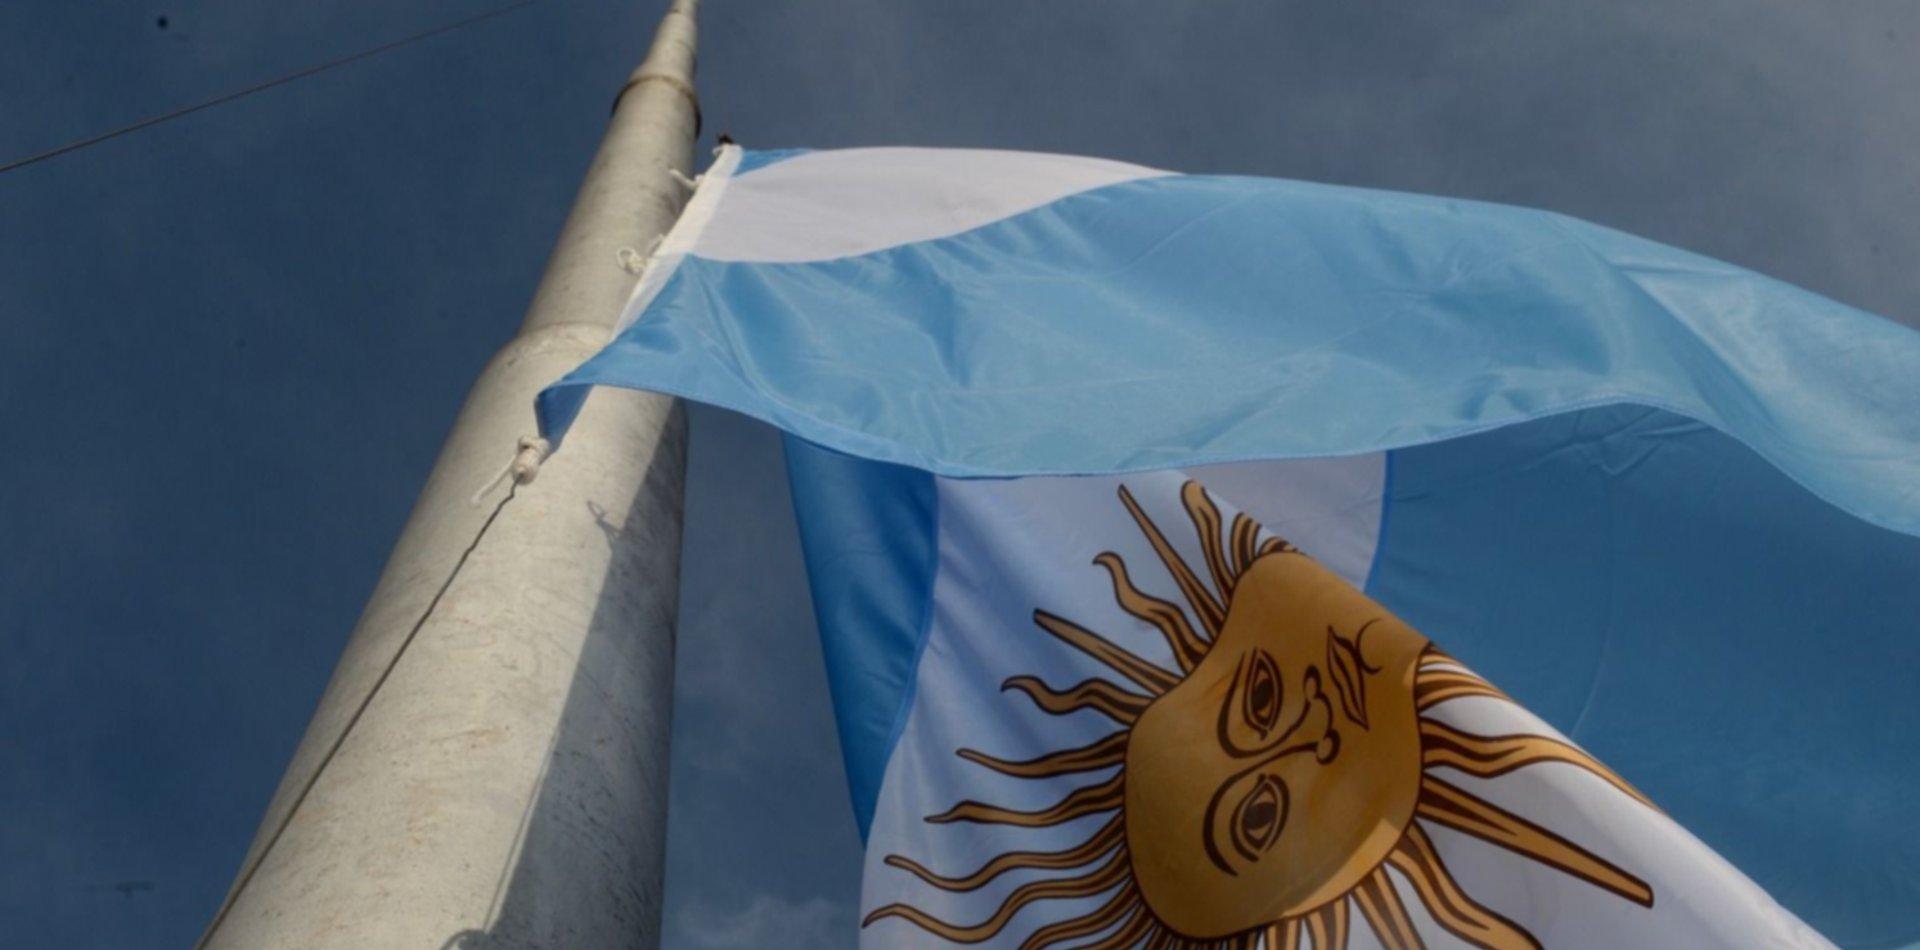 En la provincia de Buenos Aires también hay tres días de duelo por la muerte de Maradona